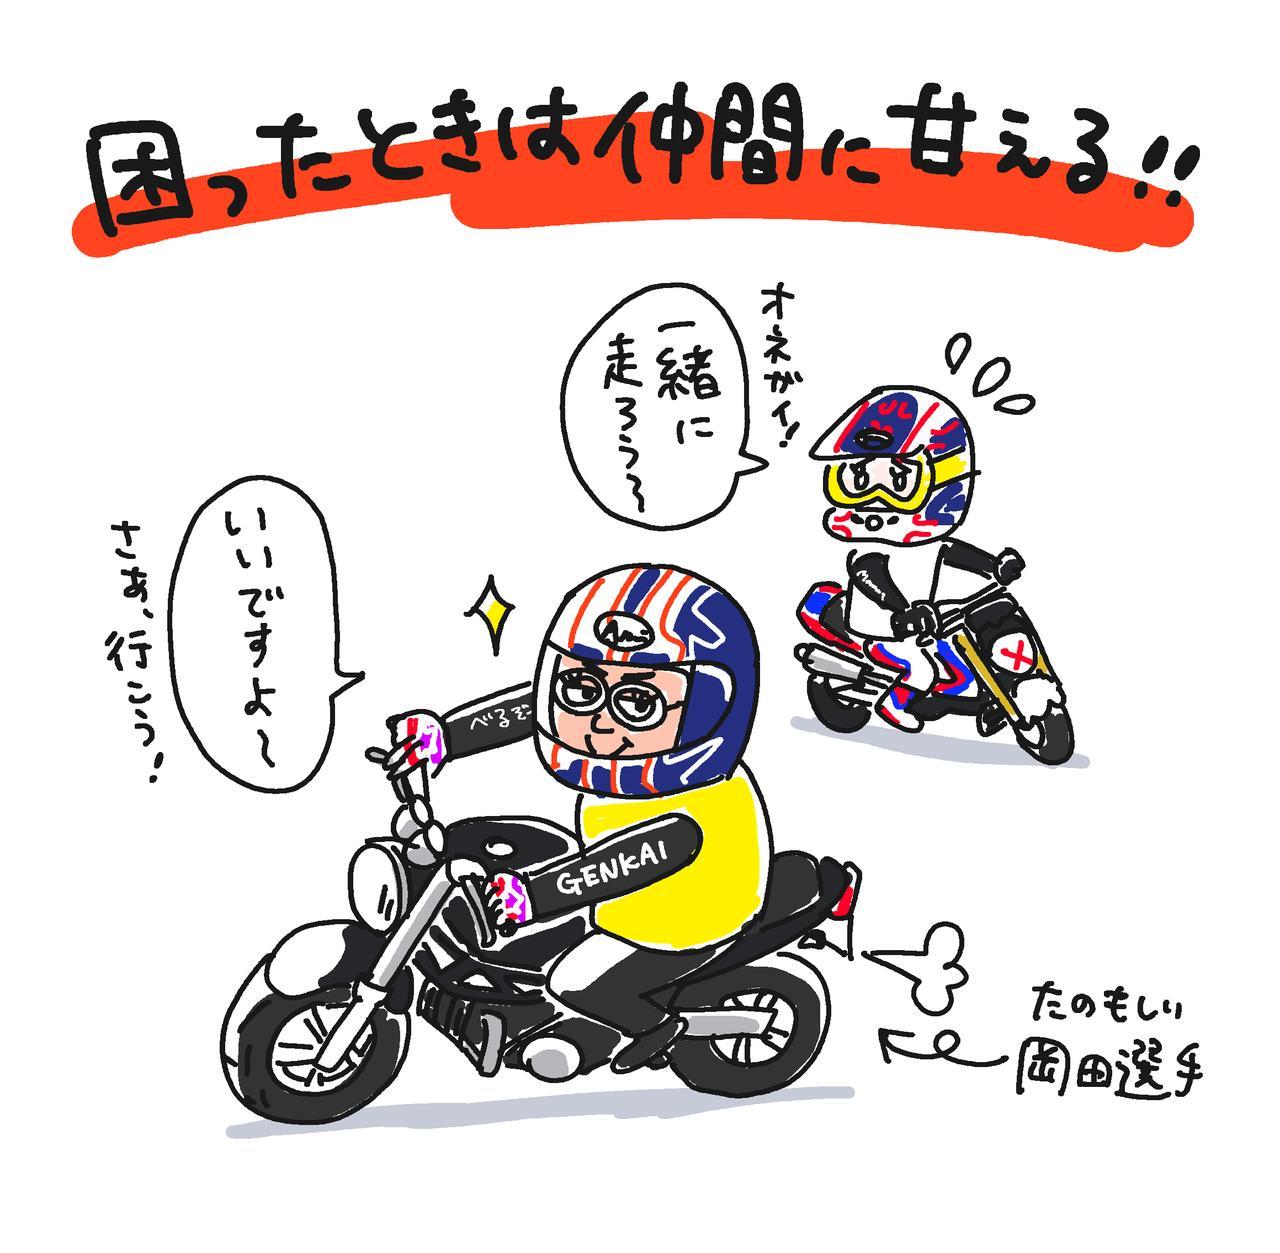 画像: 実は前年私がC2に昇格したとき、同じく岡田選手も昇格したのですが、彼はそろそろC1に上がりそうです!